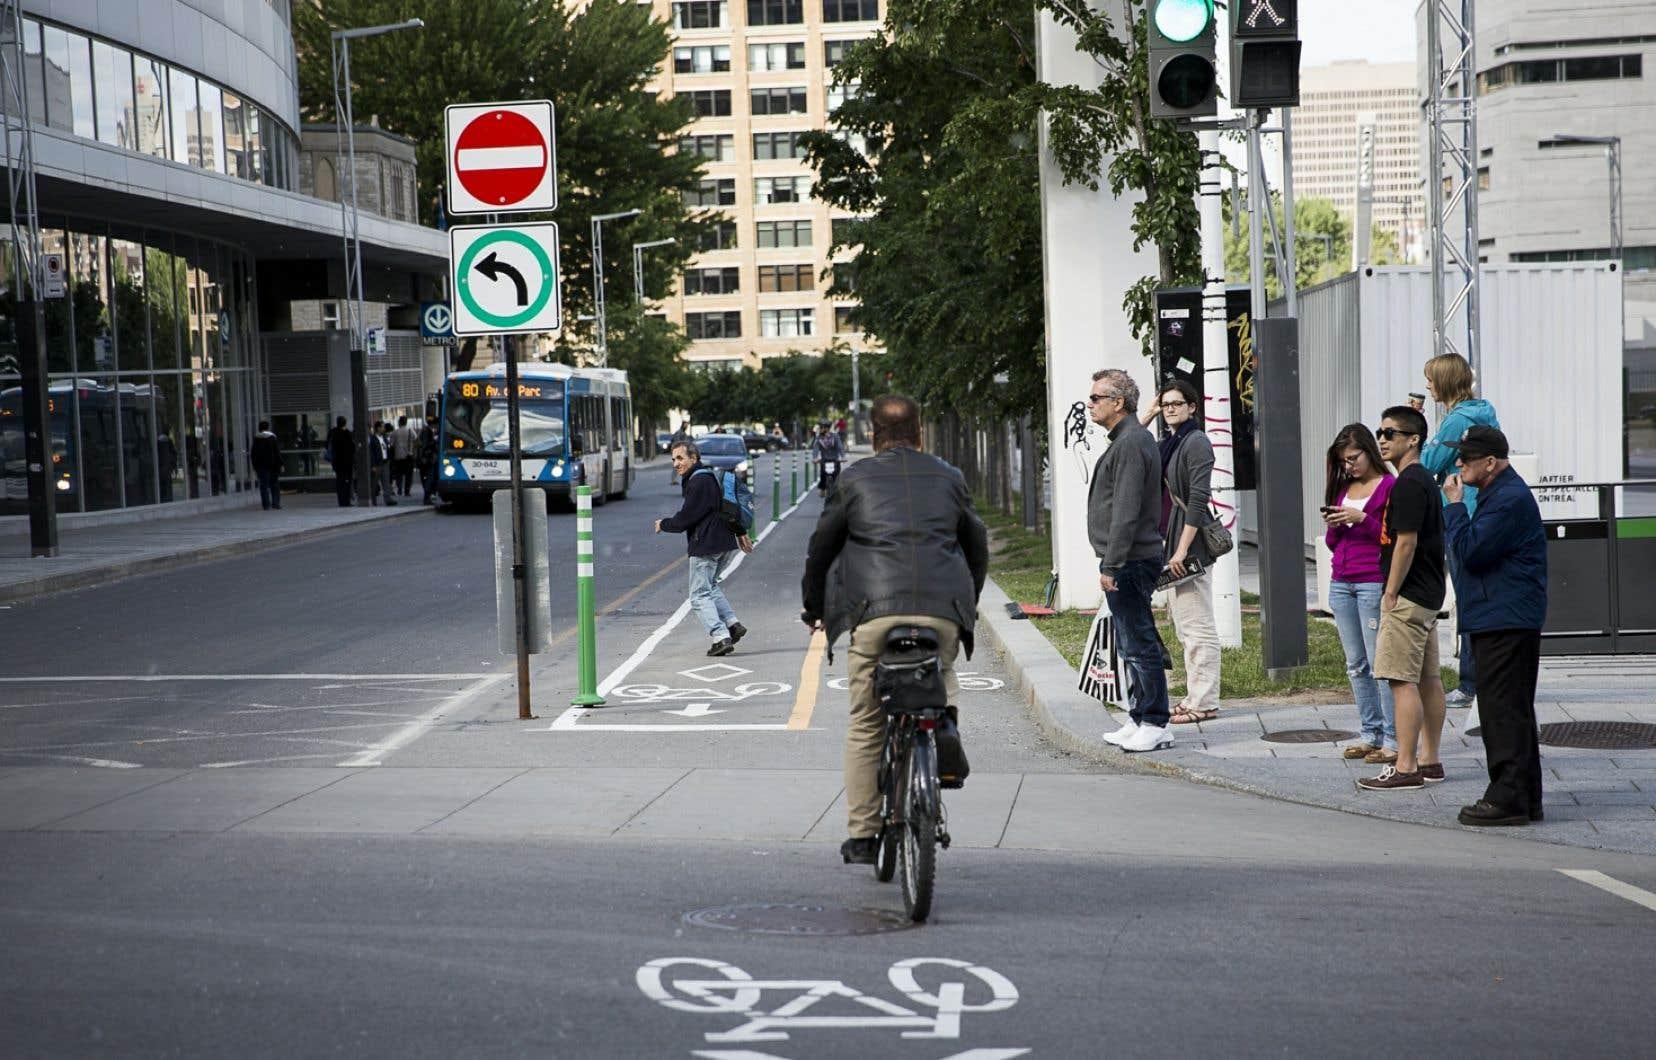 Cette petite révolution urbaine commencera sur le Plateau-Mont-Royal, mais la Ville de Montréal compte l'étendre à tous les arrondissements qui en feront la demande.